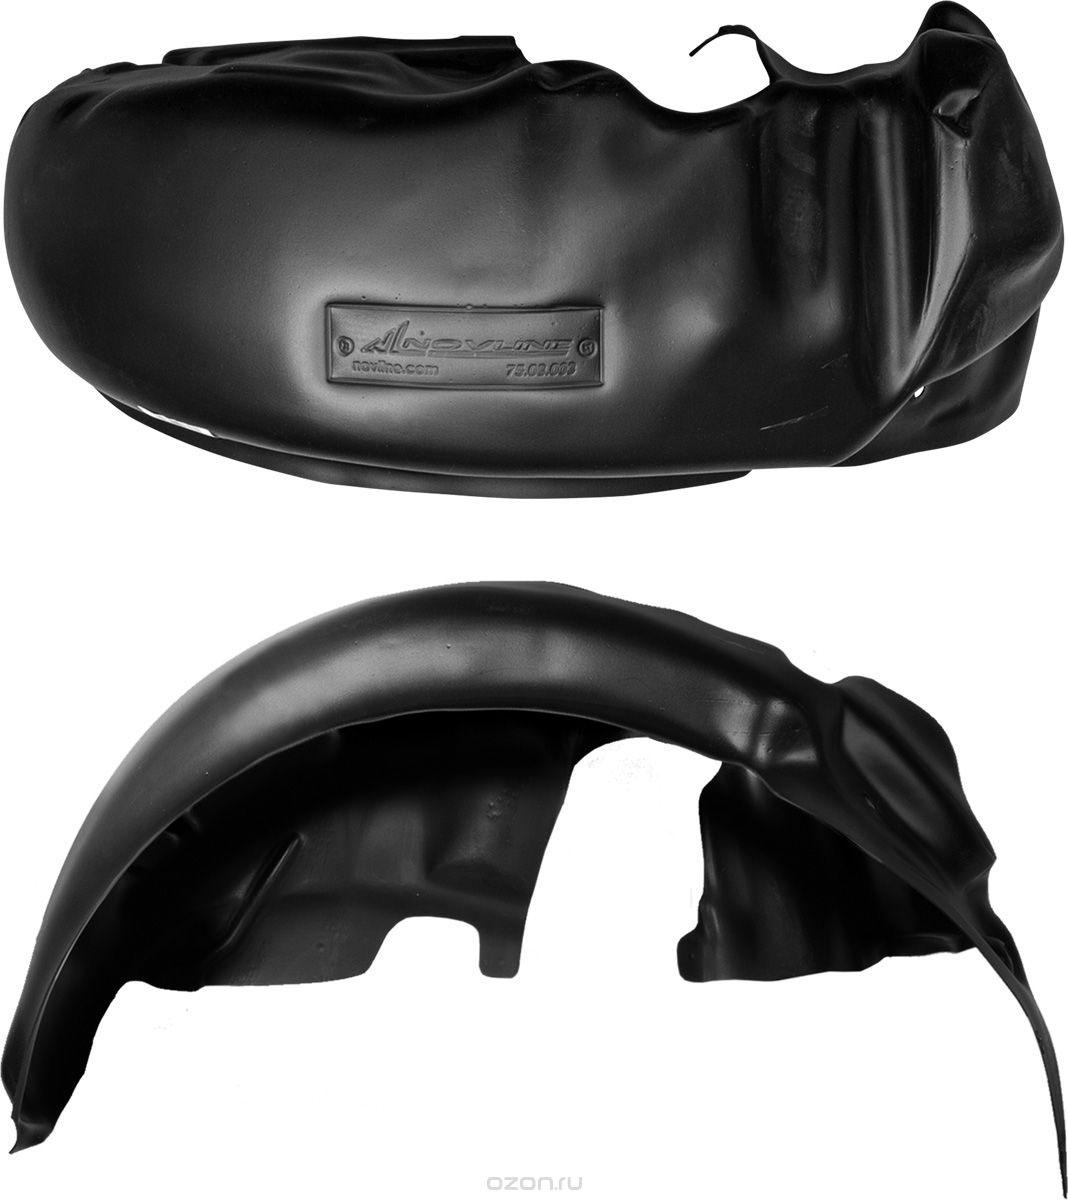 Подкрылок Novline-Autofamily, для LIFAN Smily, 2014->, передний левыйNLS.20.47.003Идеальная защита колесной ниши. Локеры разработаны с применением цифровых технологий, гарантируют максимальную повторяемость поверхности арки. Изделия устанавливаются без нарушения лакокрасочного покрытия автомобиля, каждый подкрылок комплектуется крепежом. Уважаемые клиенты, обращаем ваше внимание, что фотографии на подкрылки универсальные и не отражают реальную форму изделия. При этом само изделие идет точно под размер указанного автомобиля.